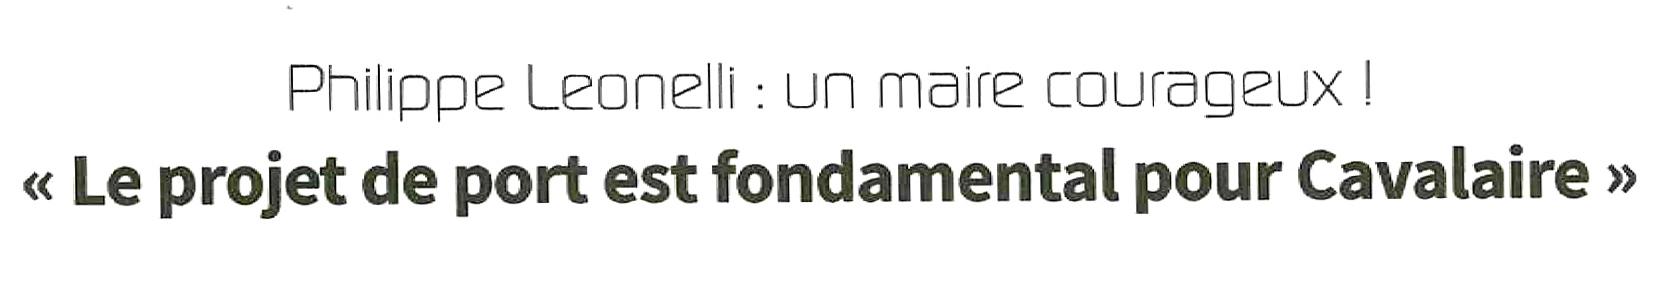 04_11-2016-1-la-gazette